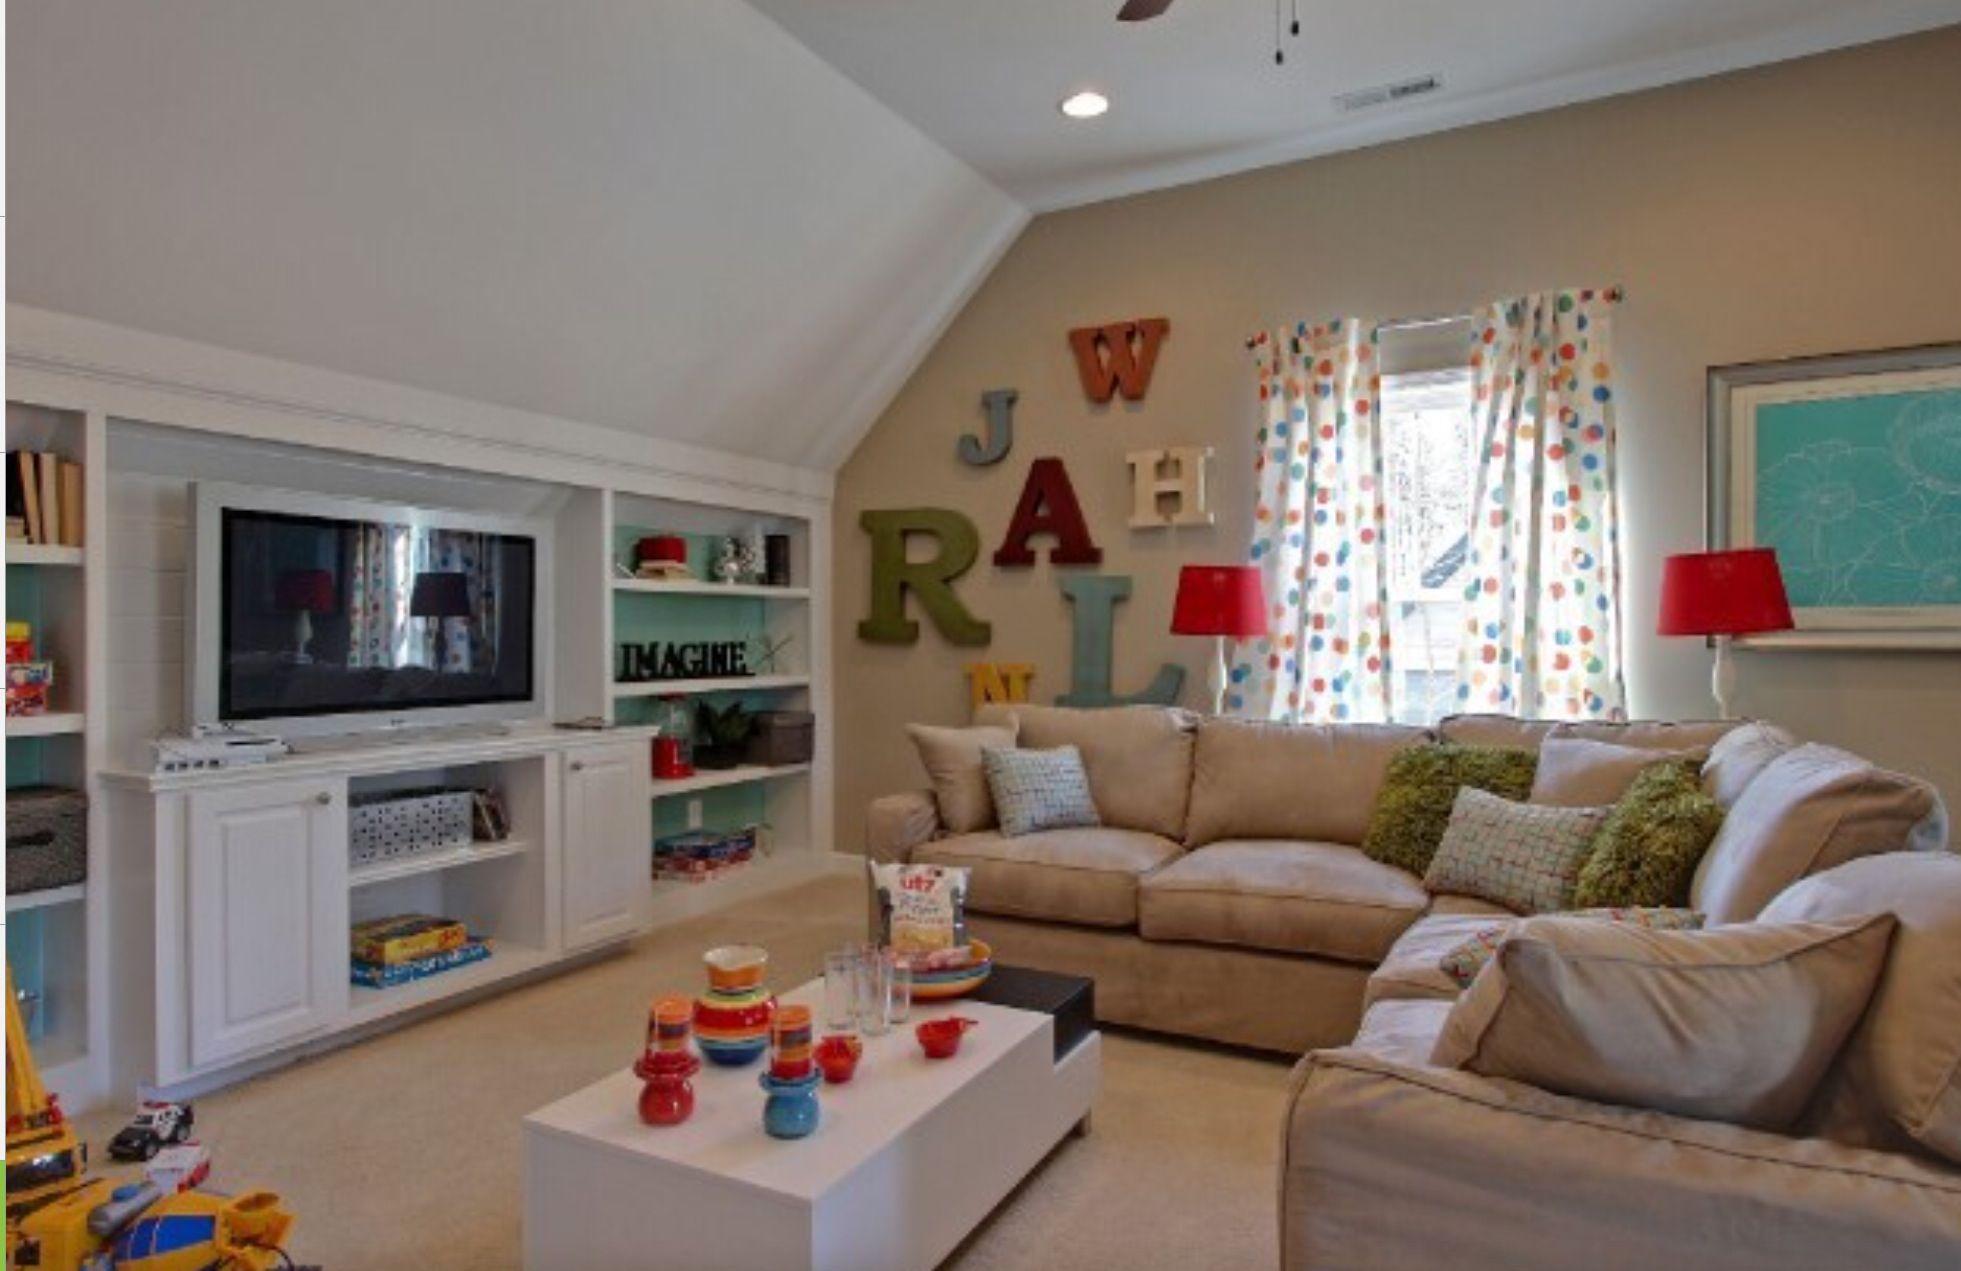 Bonus Room Ideas Above Garage Playroom